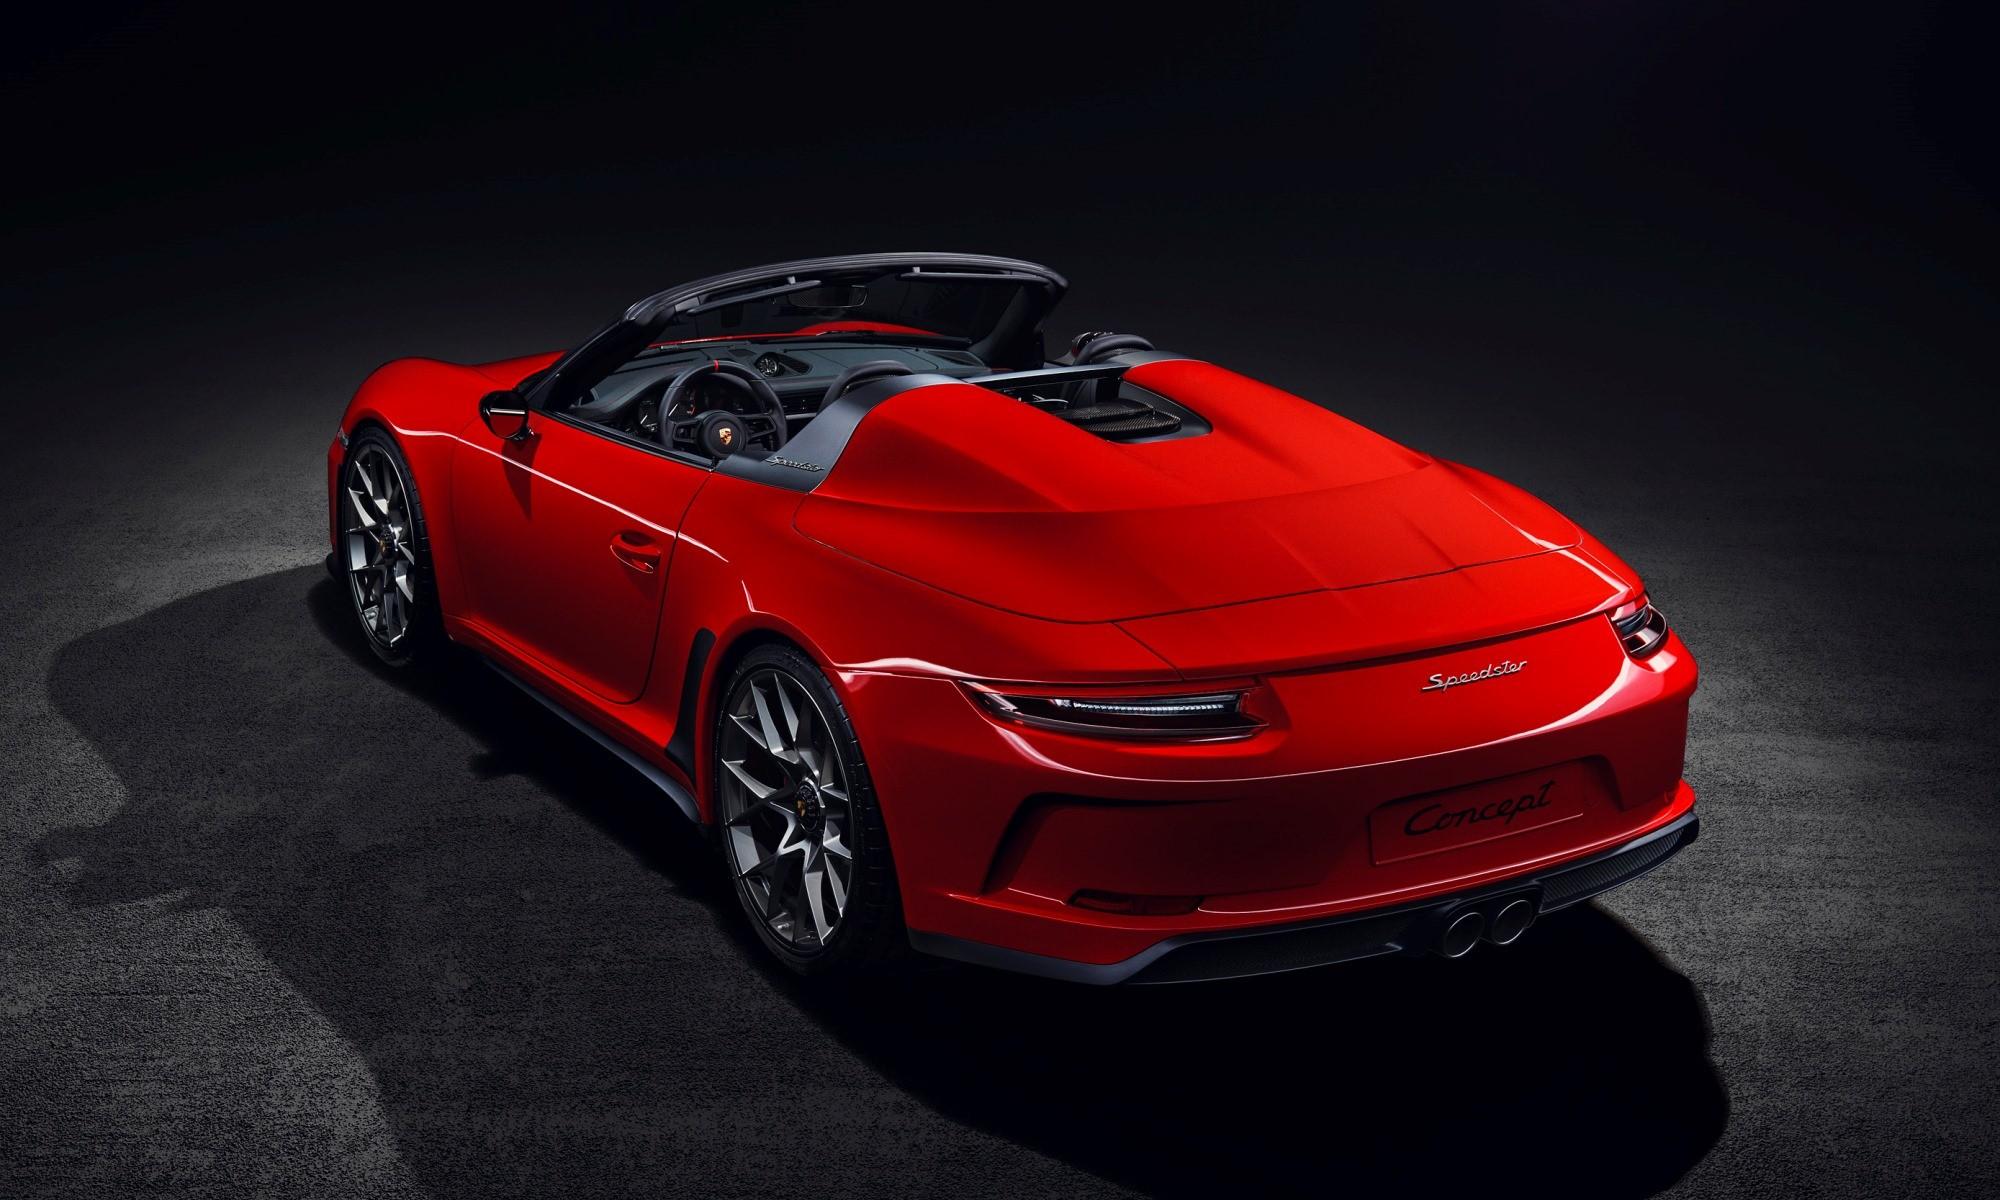 Porsche Speedster rear